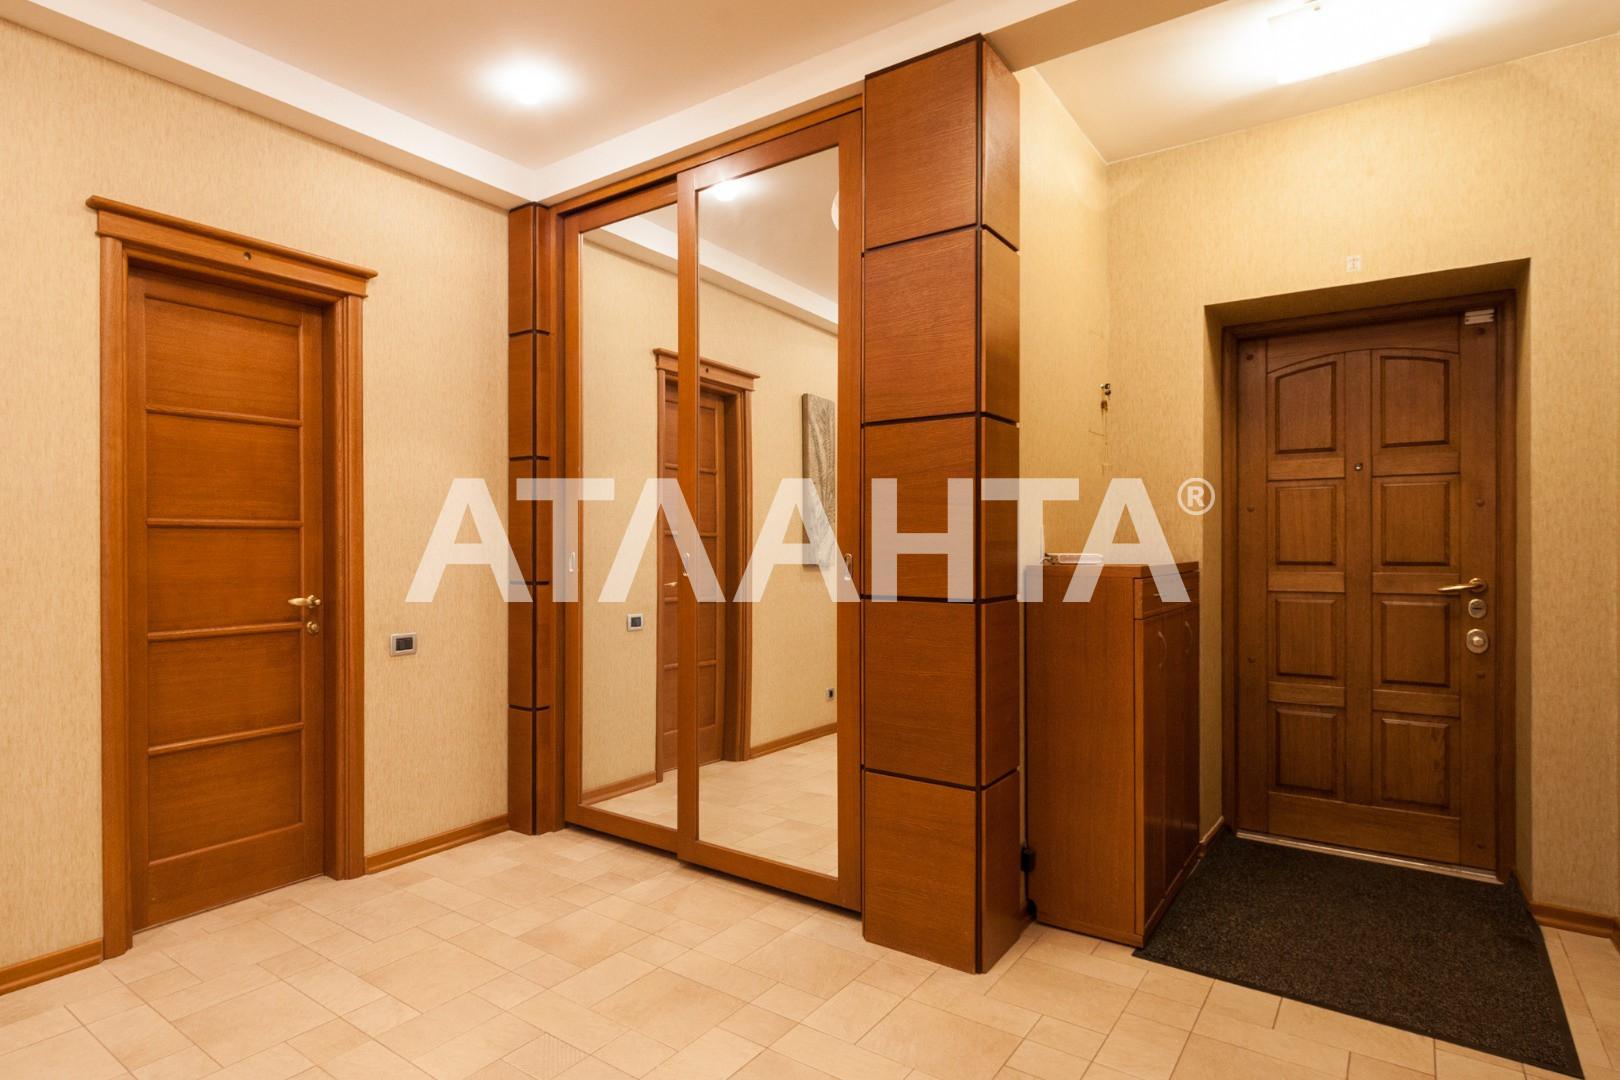 Продается 3-комнатная Квартира на ул. Педагогический Пер. — 195 000 у.е. (фото №8)